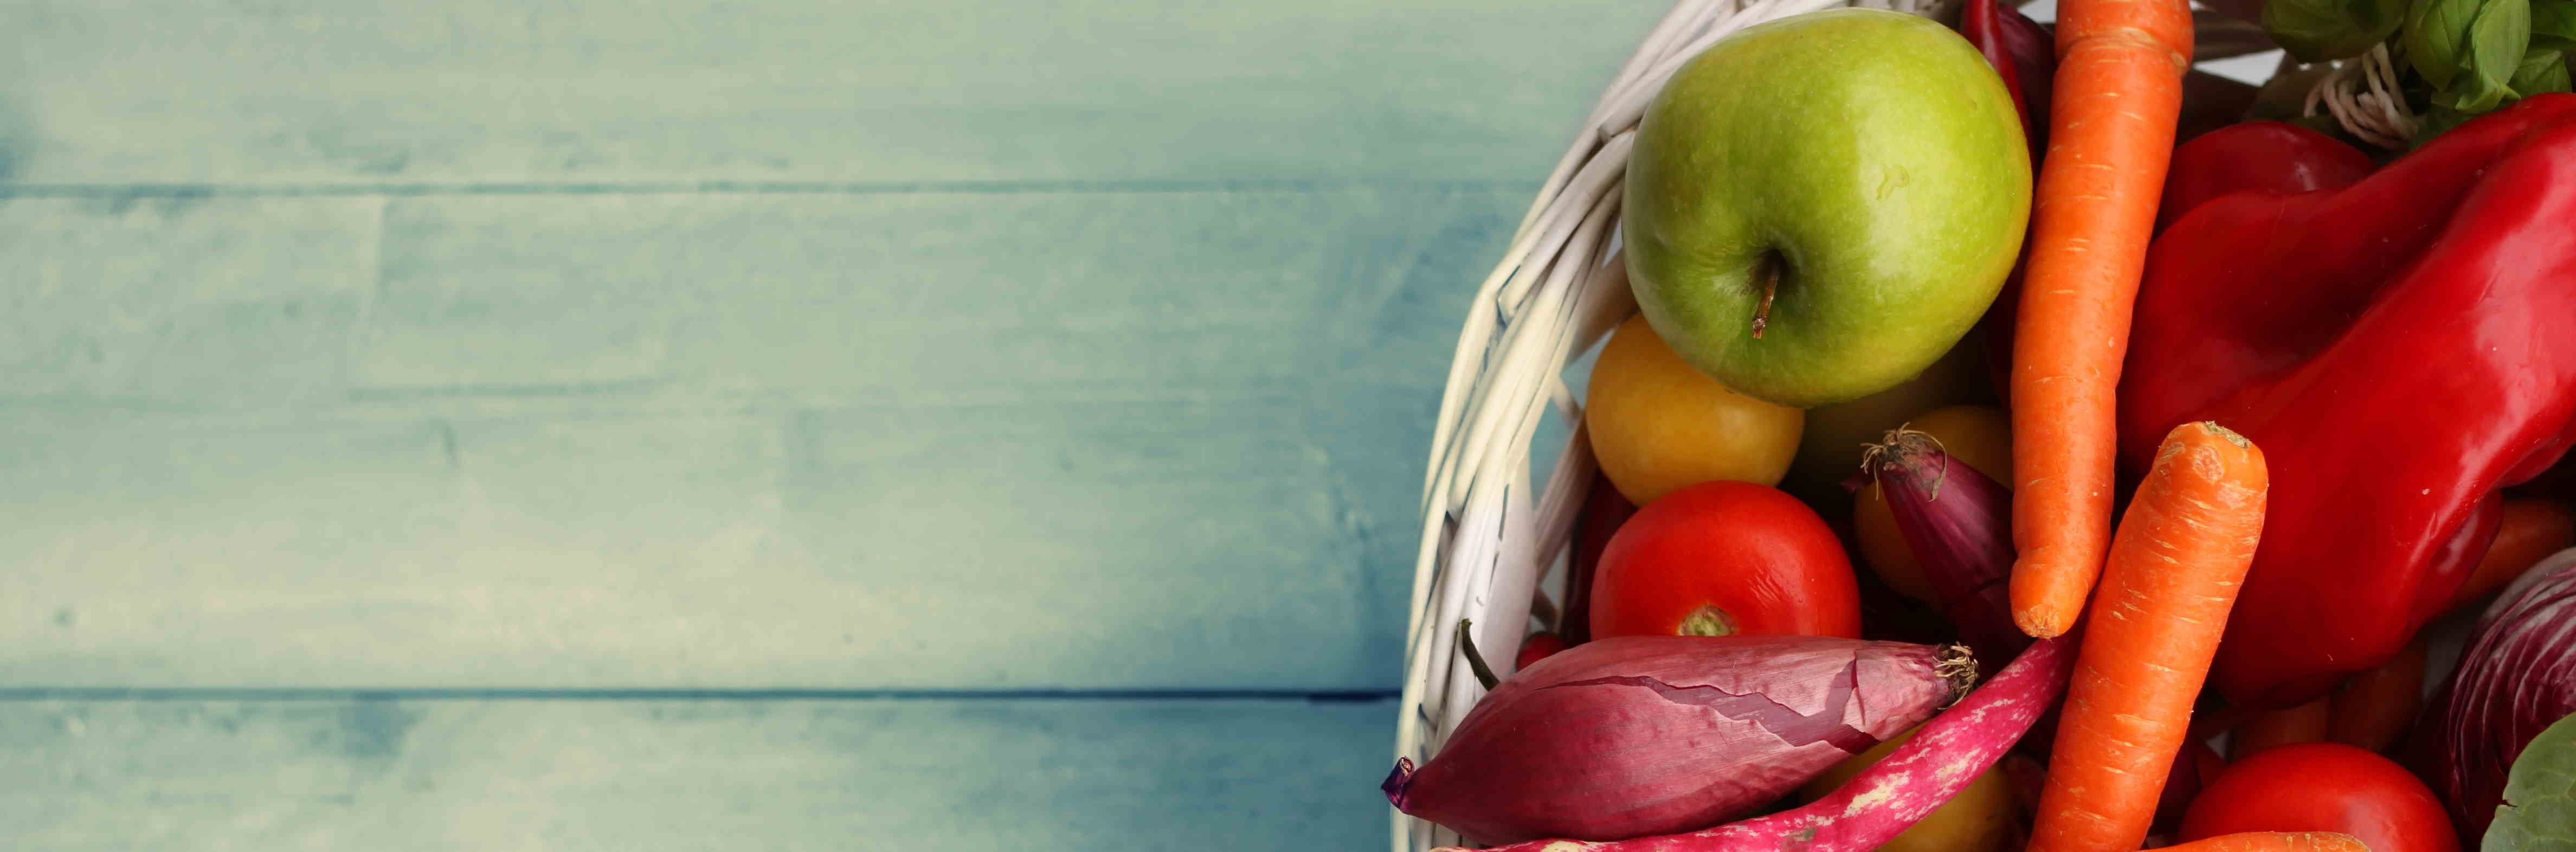 un panier de fruits et légumes